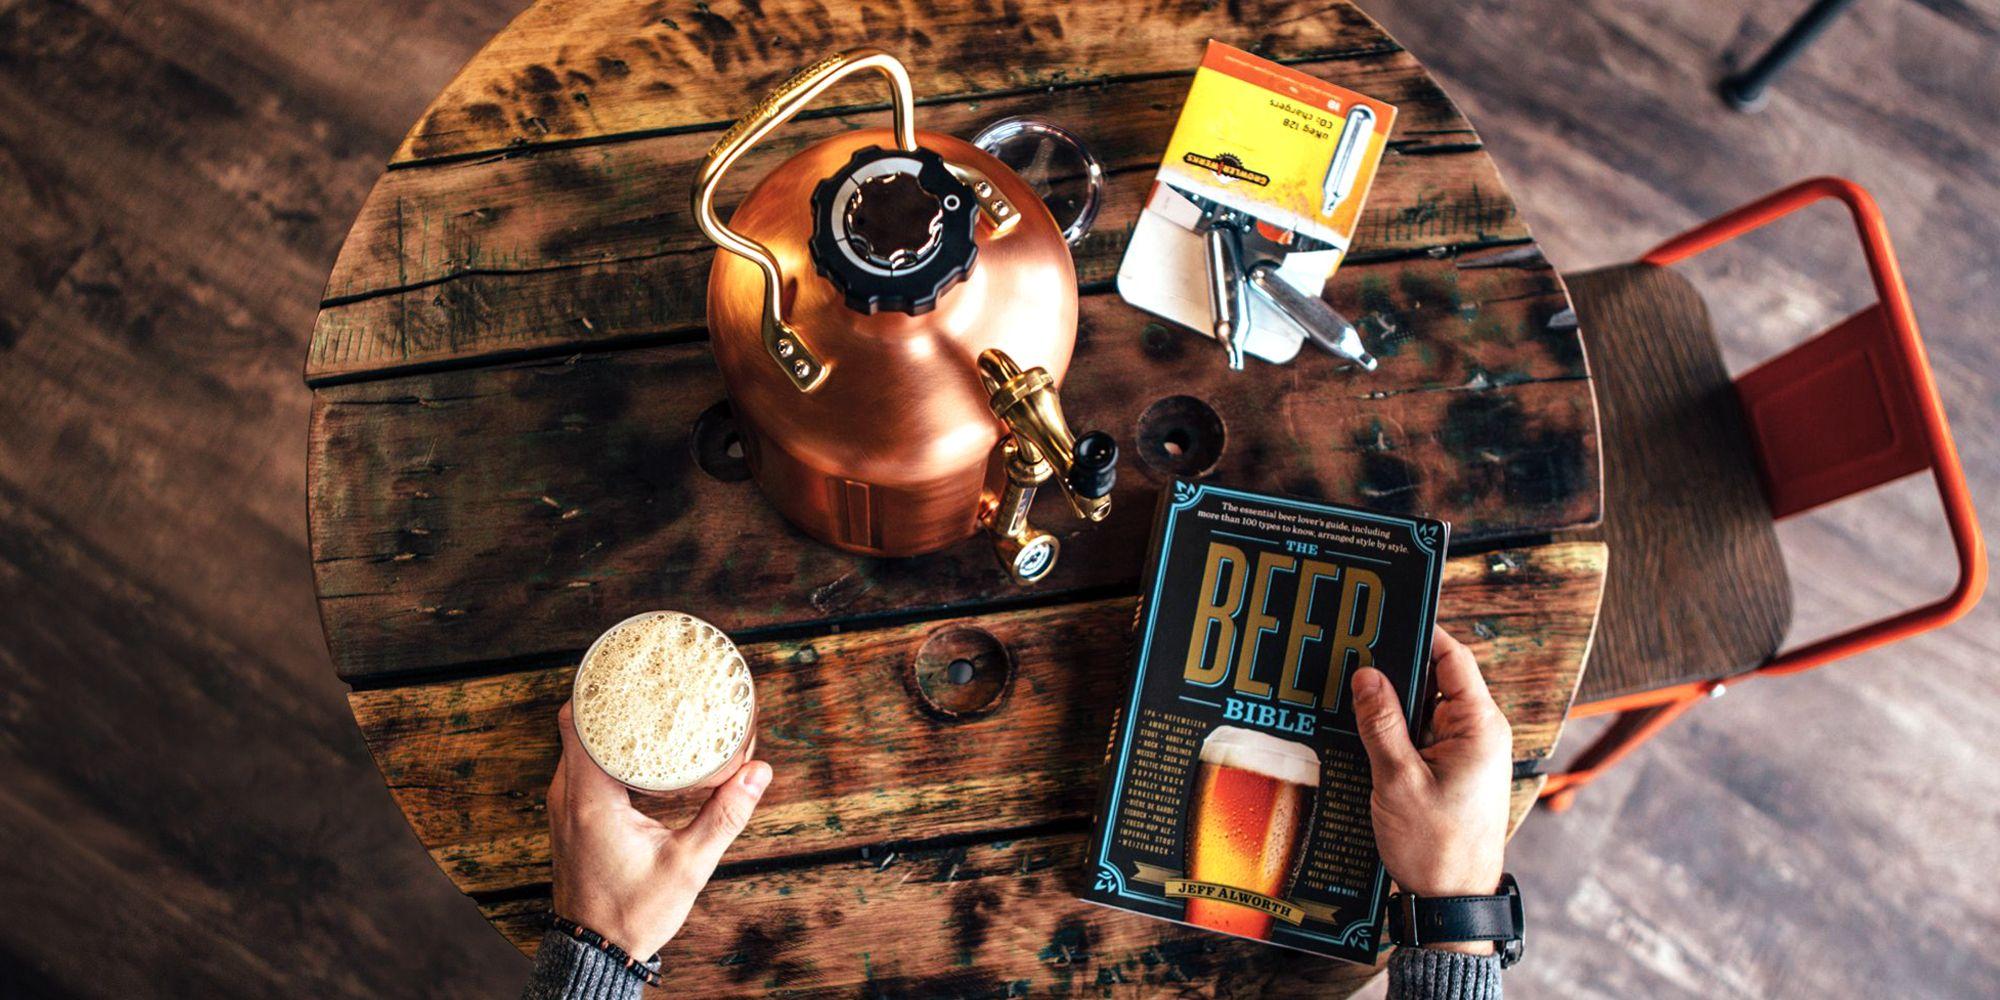 beer gifts best 2018